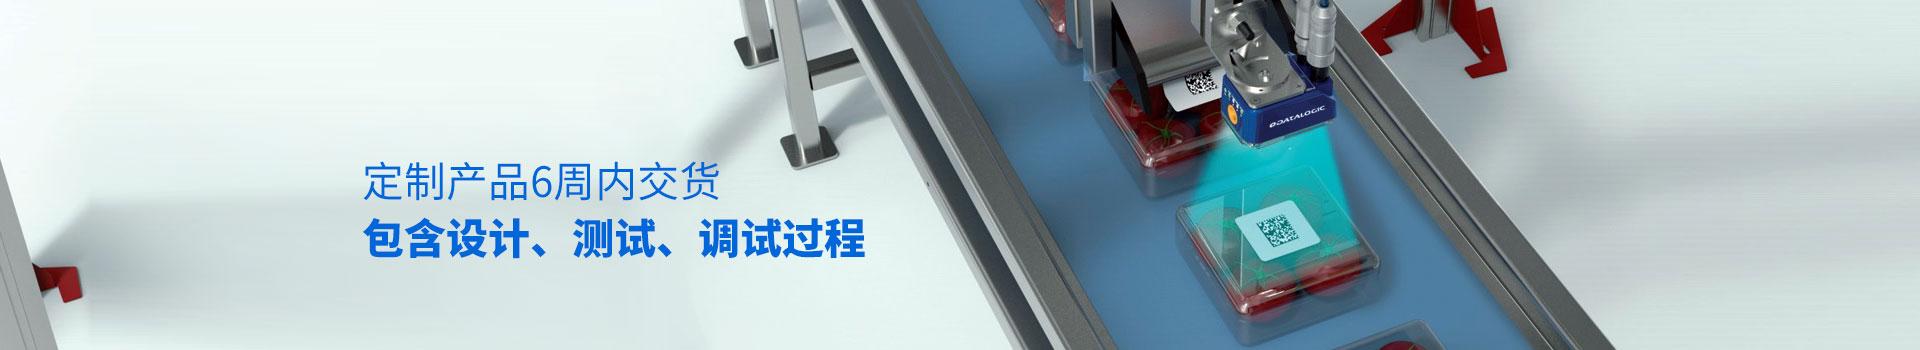 谷梁-定制产品6周内交货,包含设计、测试、调试过程